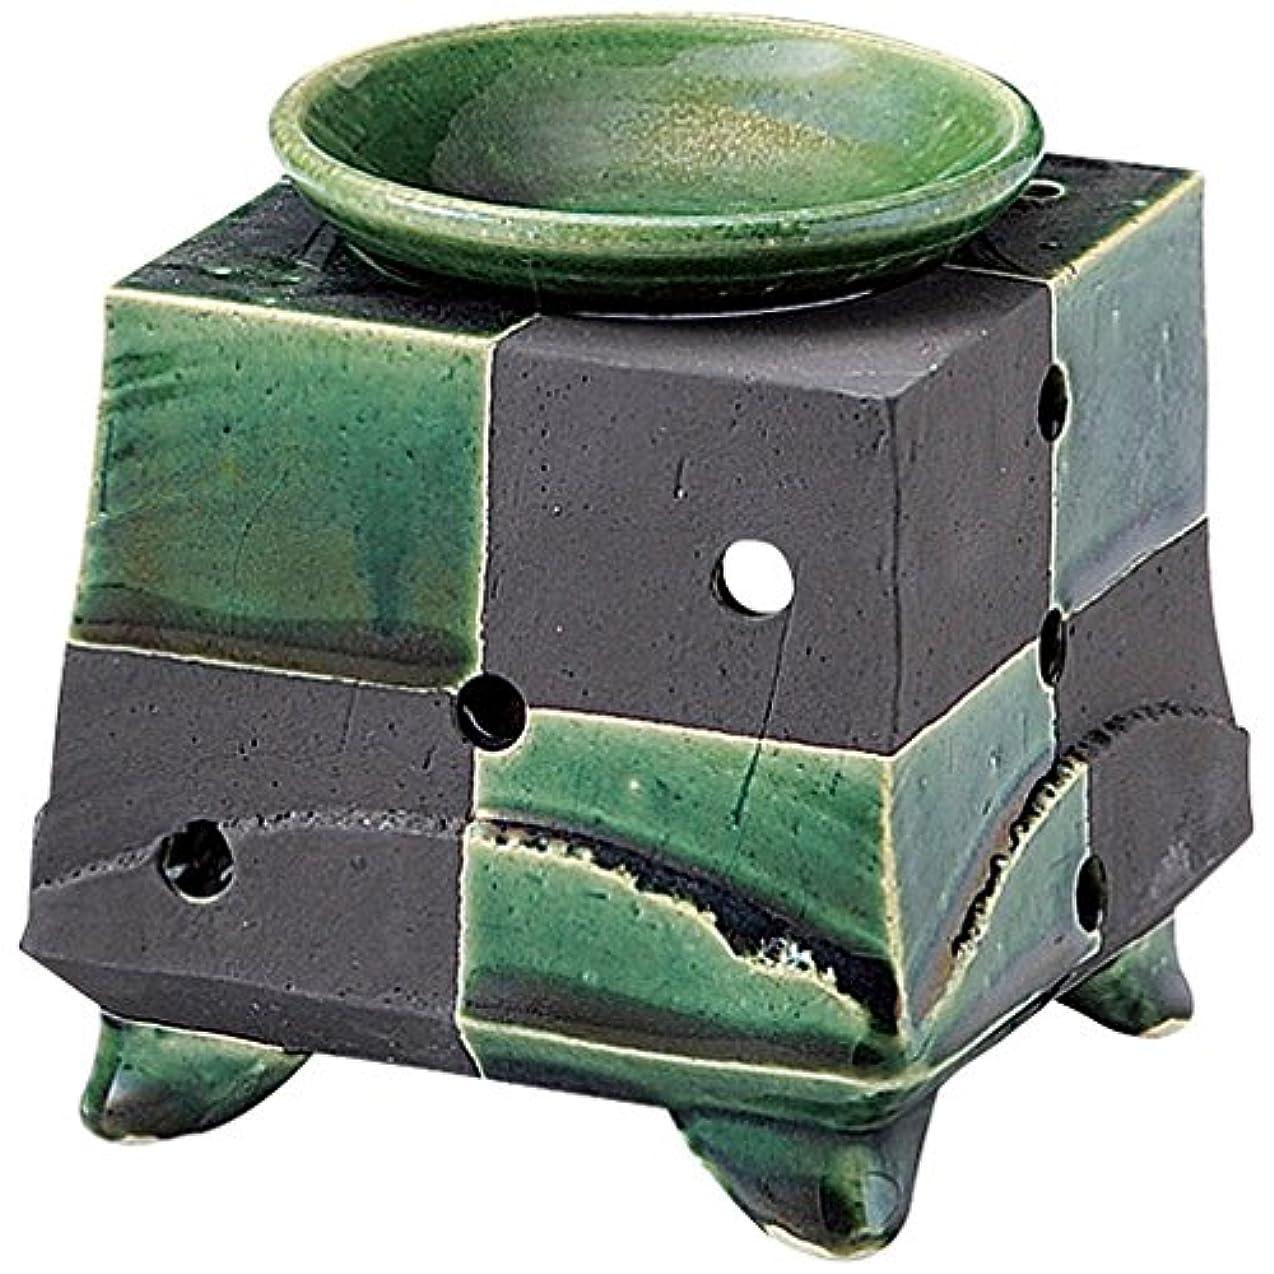 外部あからさま供給山下工芸 常滑焼 佳窯織部黒市松茶香炉 11.5×11.5×11.5cm 13045770